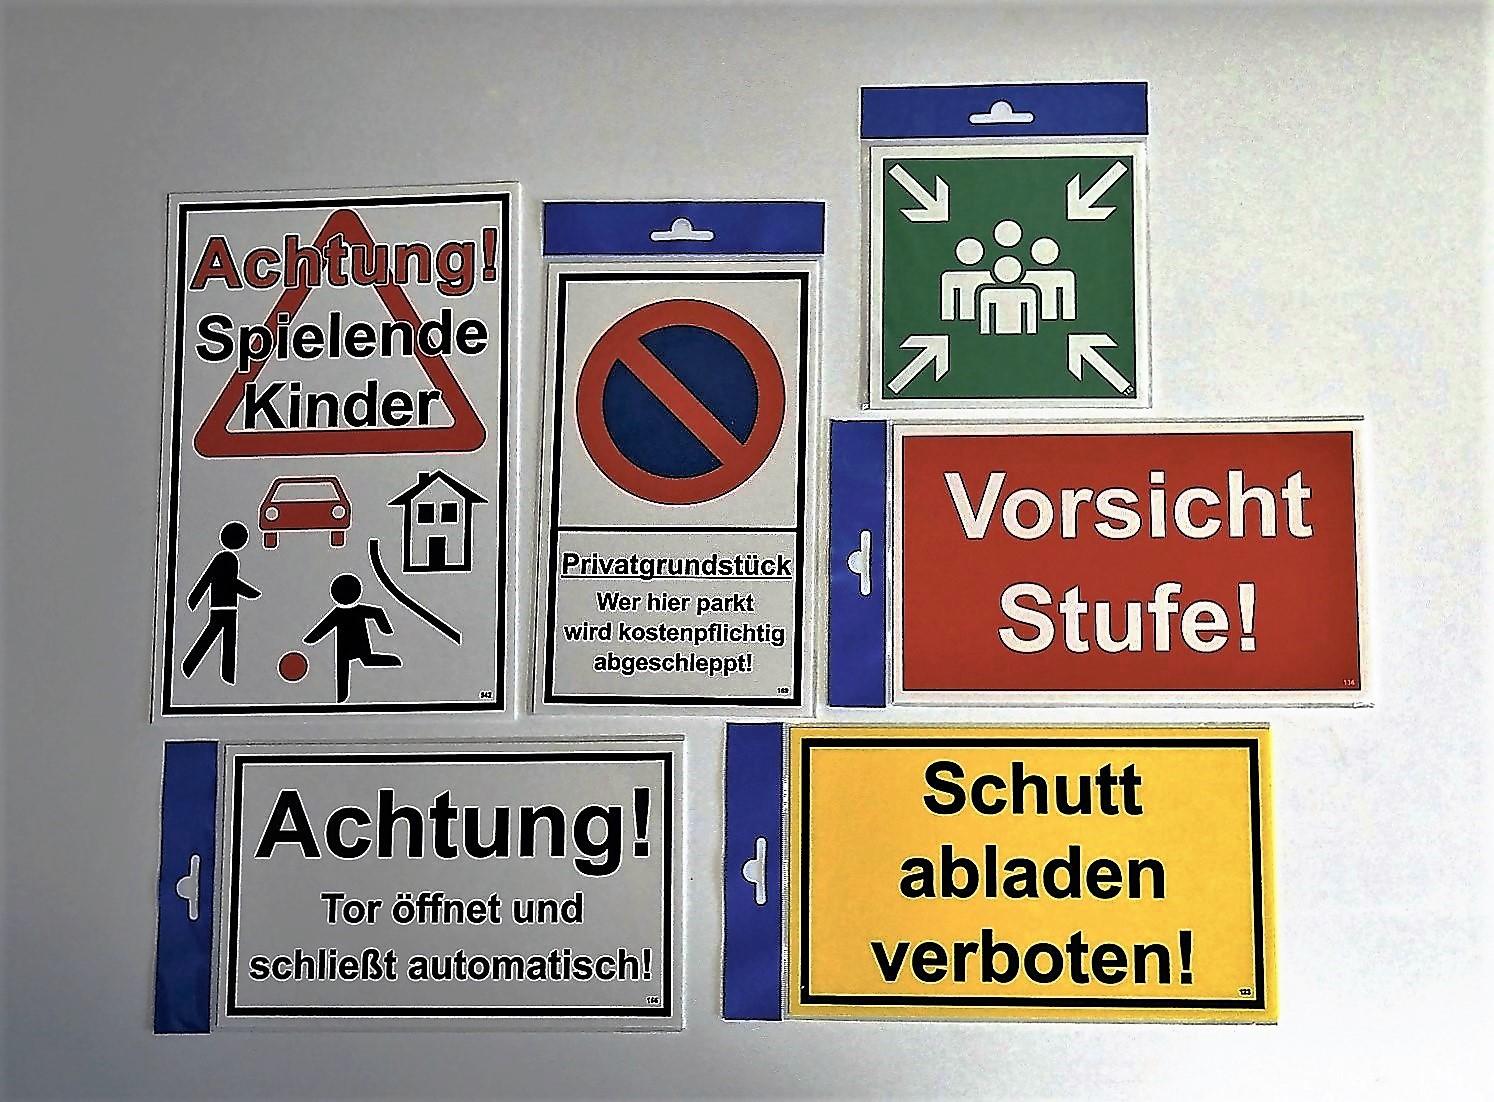 Betreten des Grundstücks verboten! Eltern haften für ihre Kinder! 150 x 250 mm Warn- Hinweis- und Verbotsschild PST-Kunststoff – Bild 3